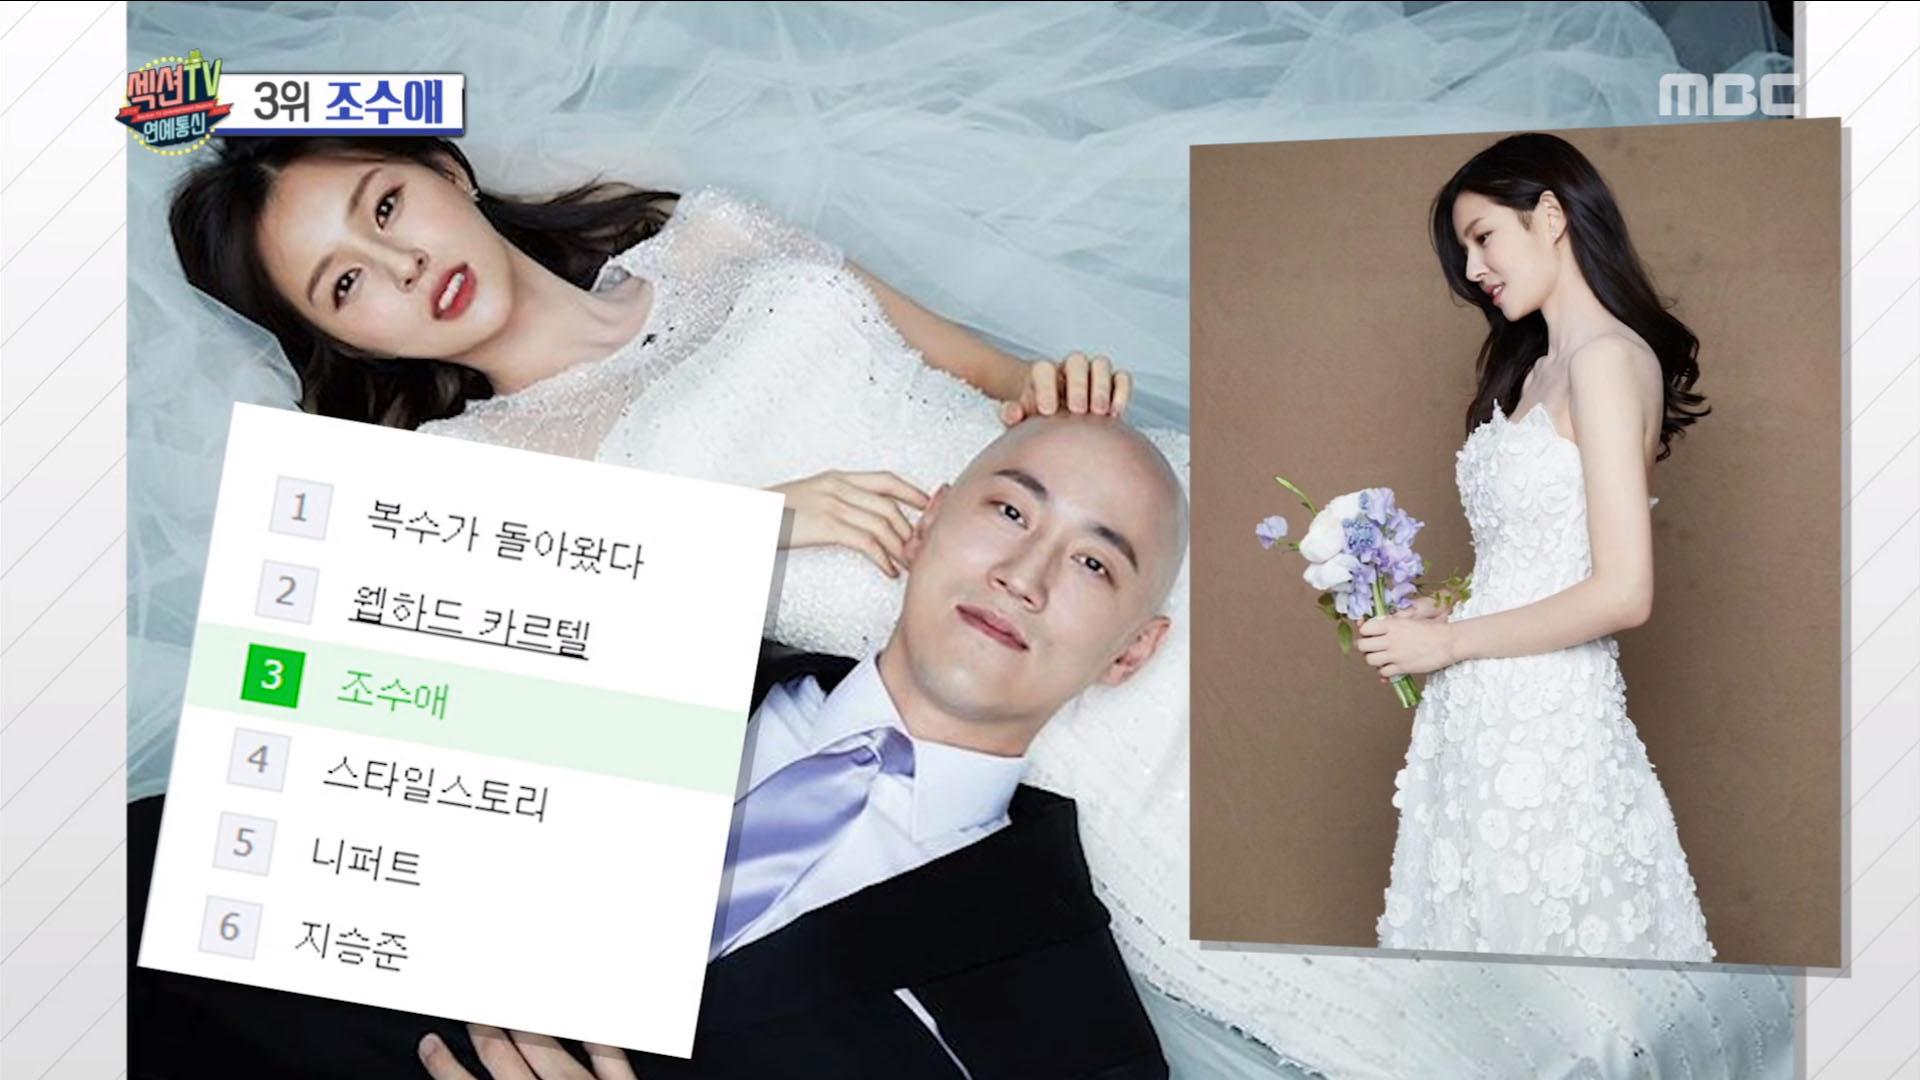 '섹션TV 연예통신' 야구장에서 이어진 인연, 조수애♥박서원 13살 차 극복 결혼!